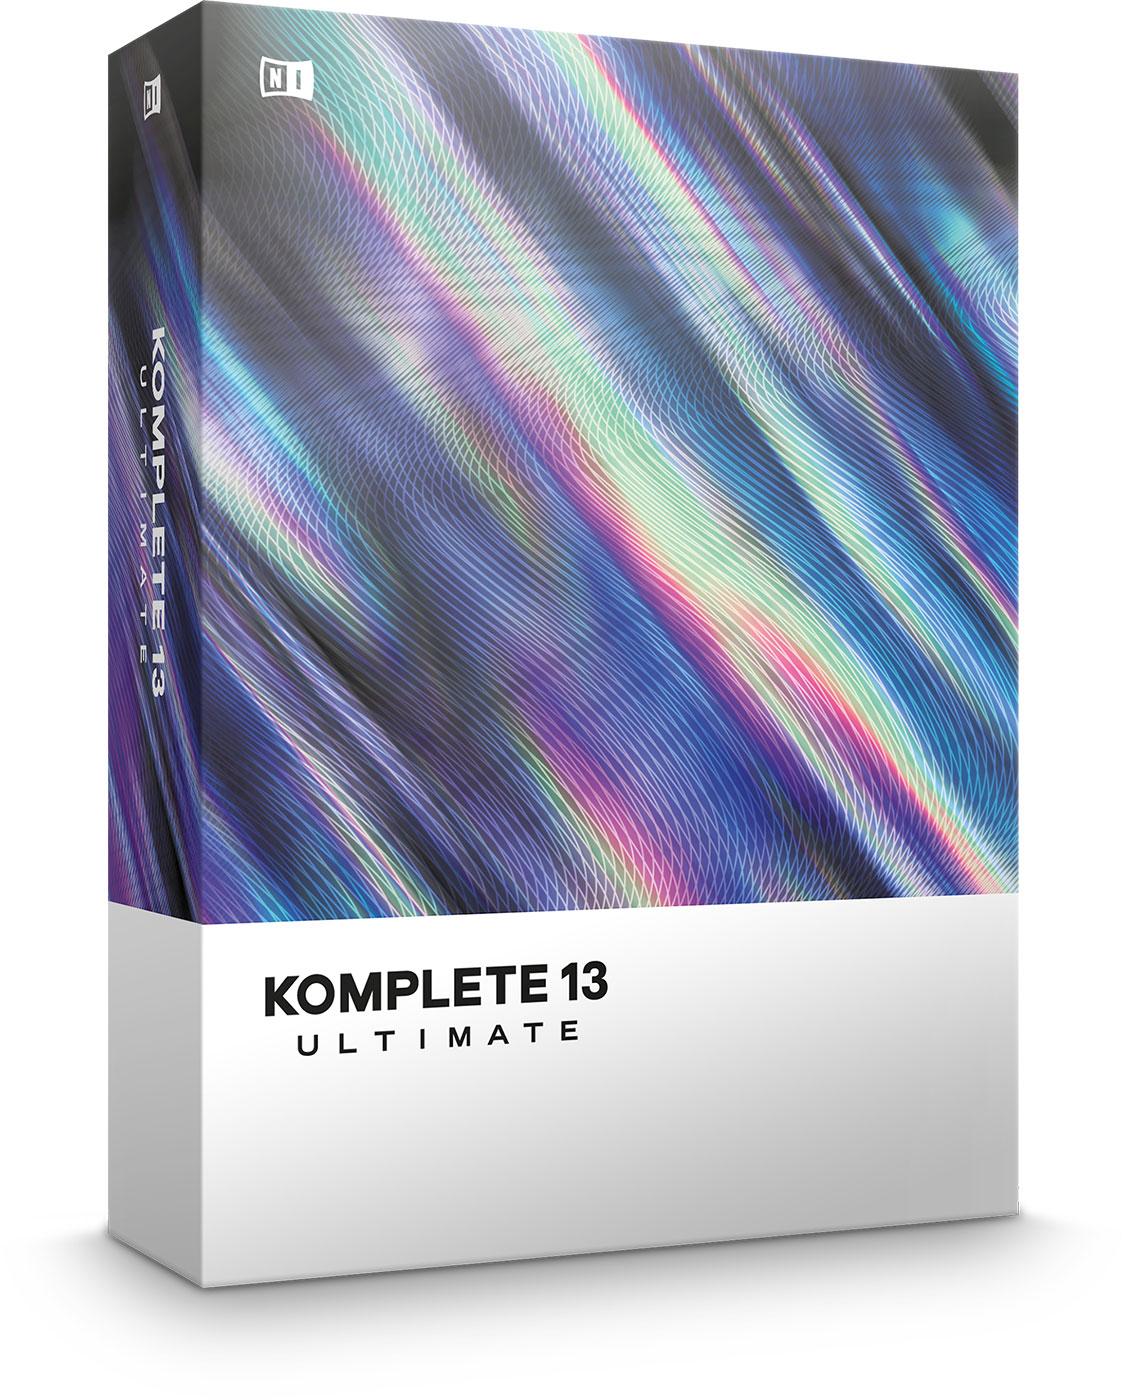 Komplete-13-Ultimate-packshot